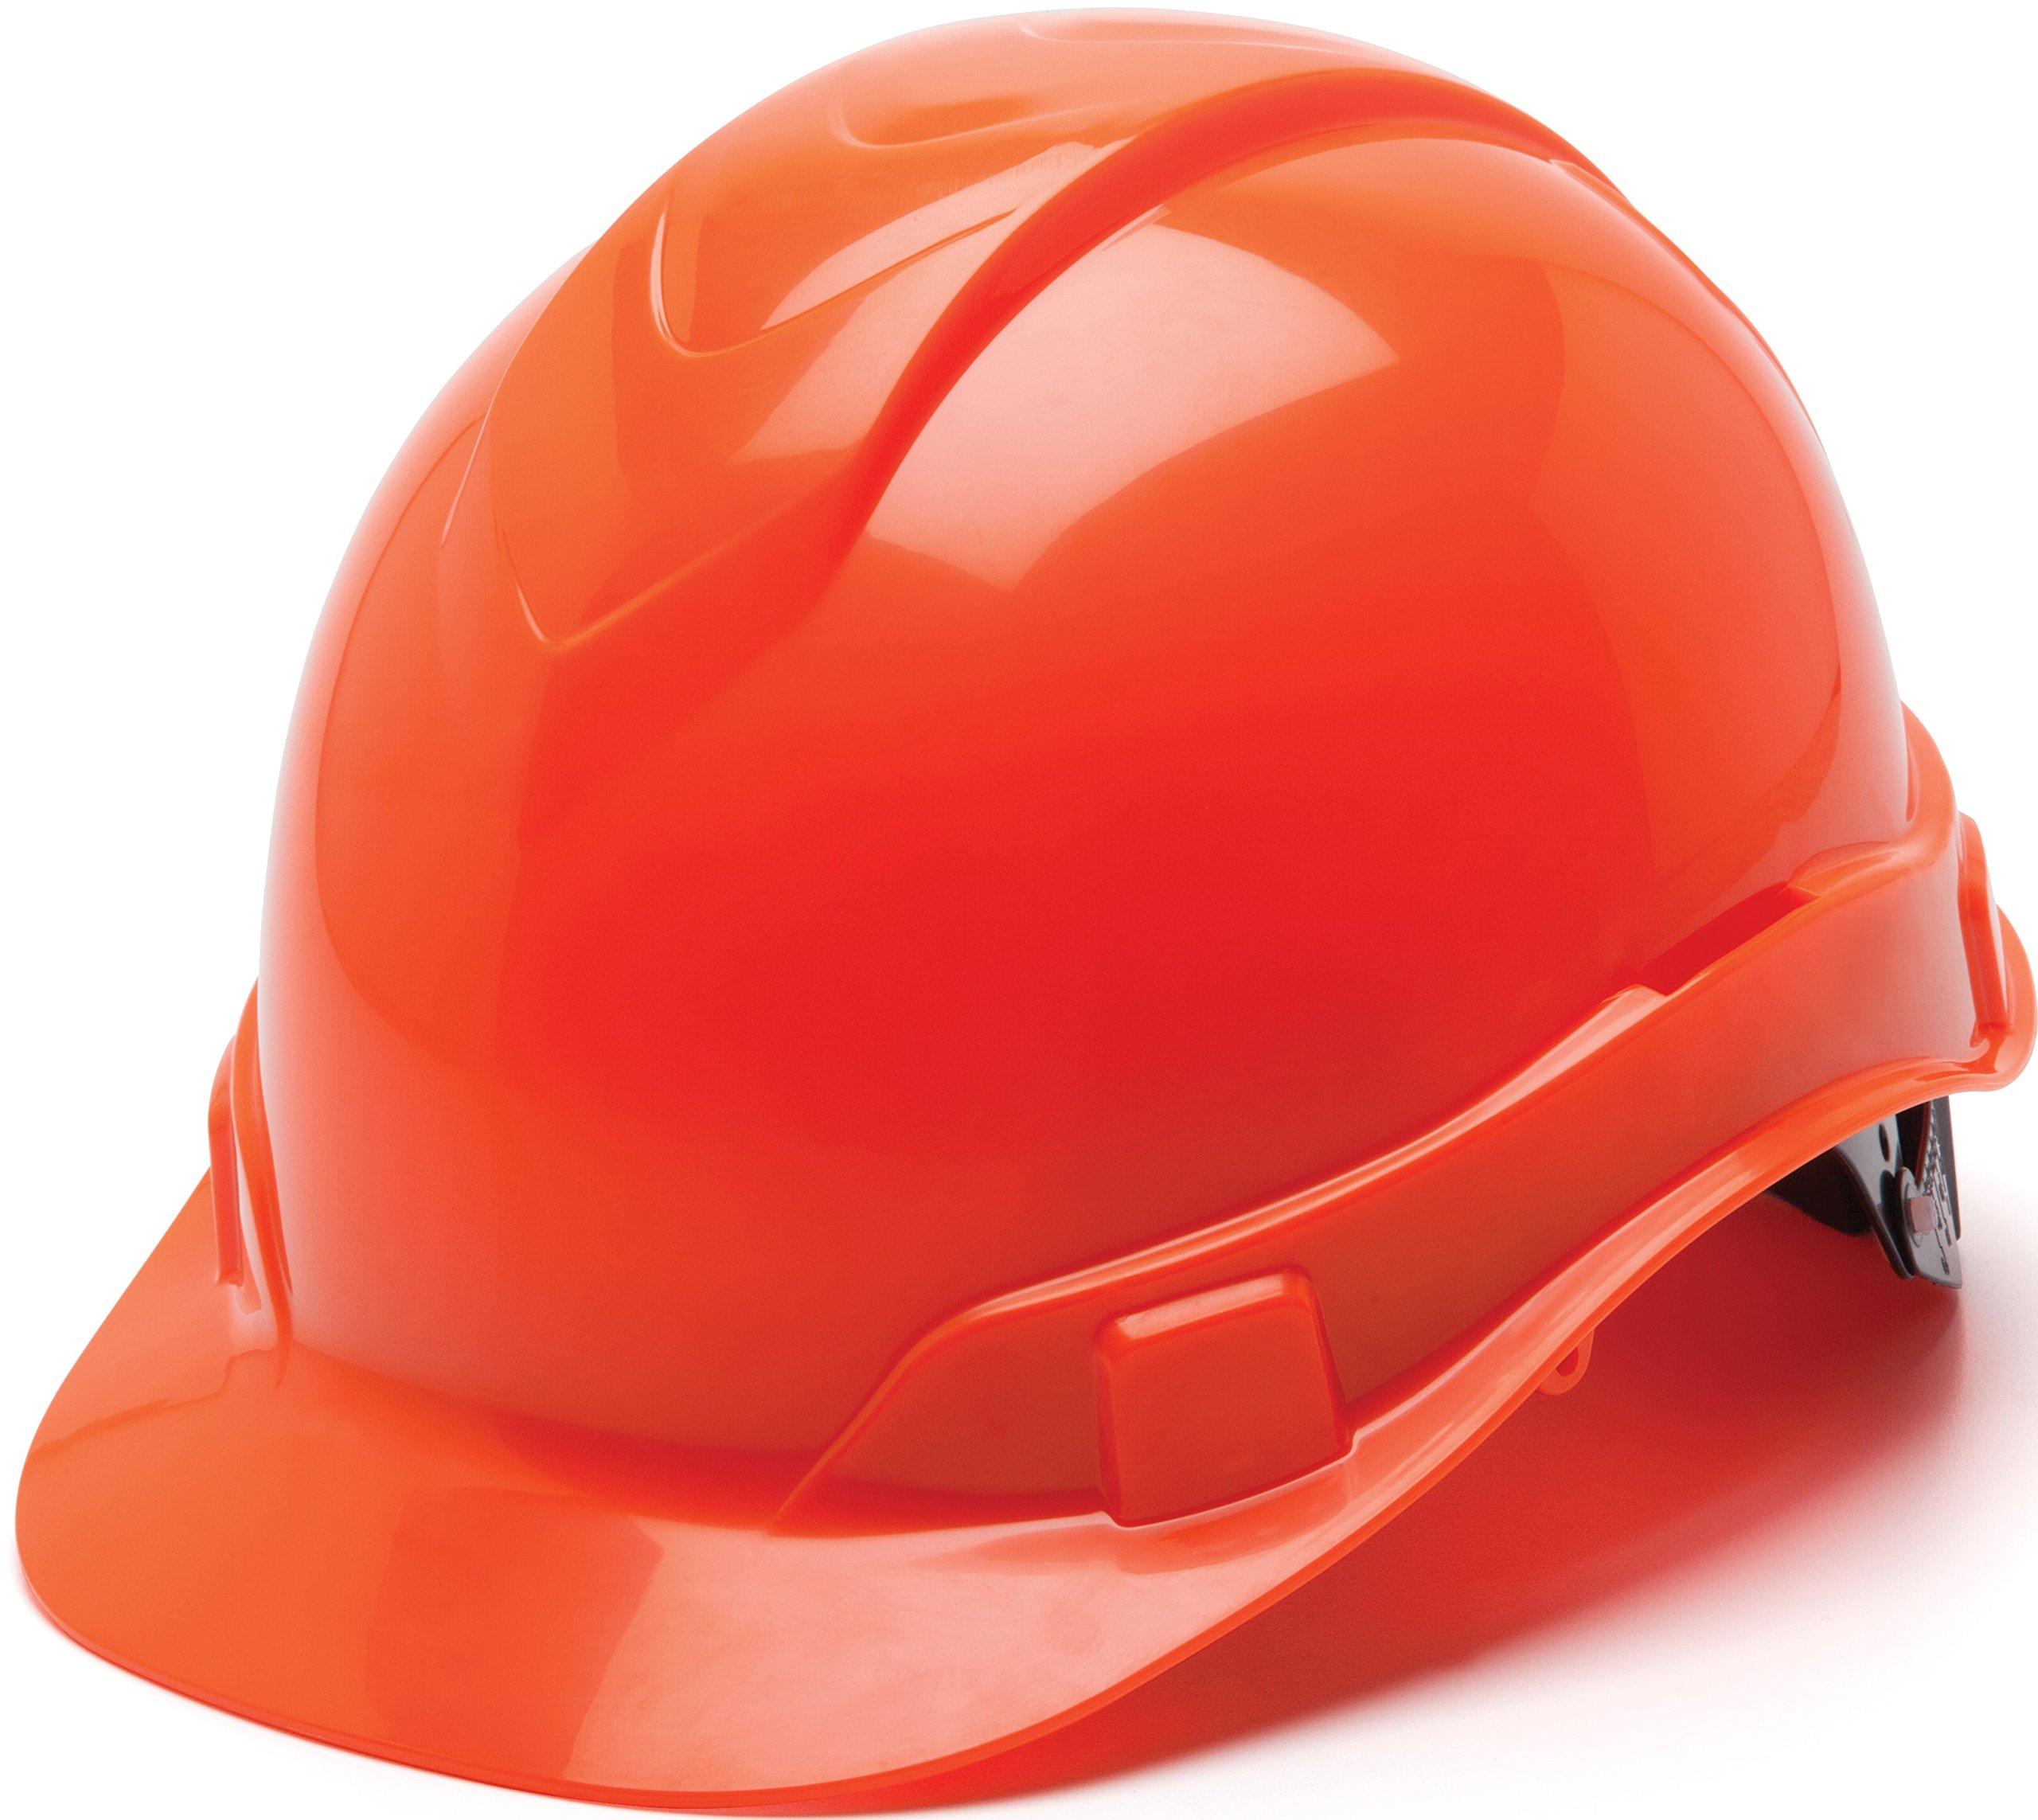 Pyramex Ridgeline Cap Style Hard Hat, 4 Point Ratchet Suspension, Hi Vis Orange